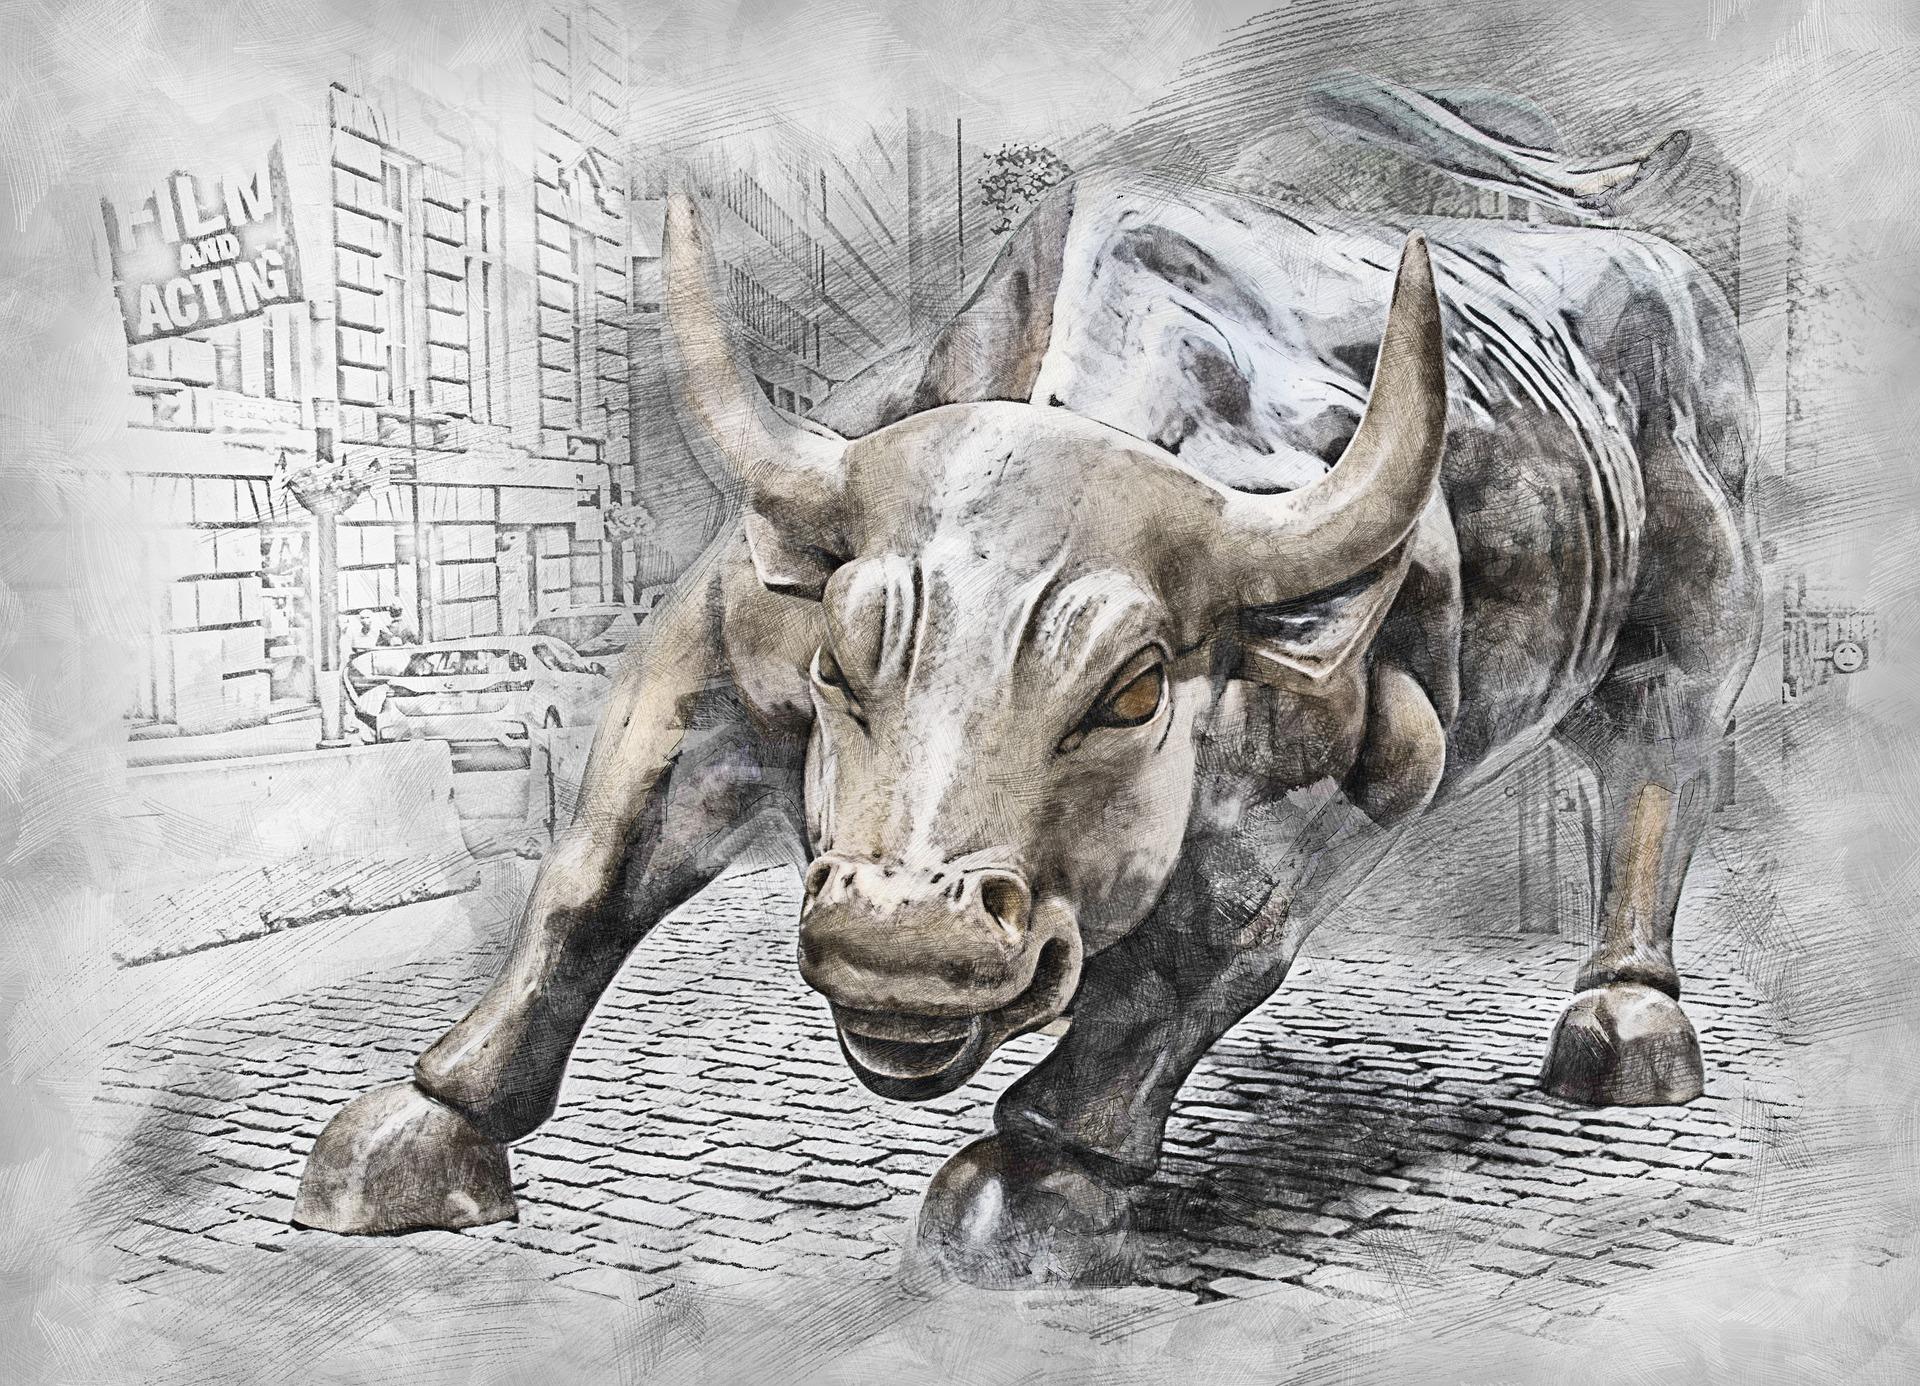 bull-3112617_1920